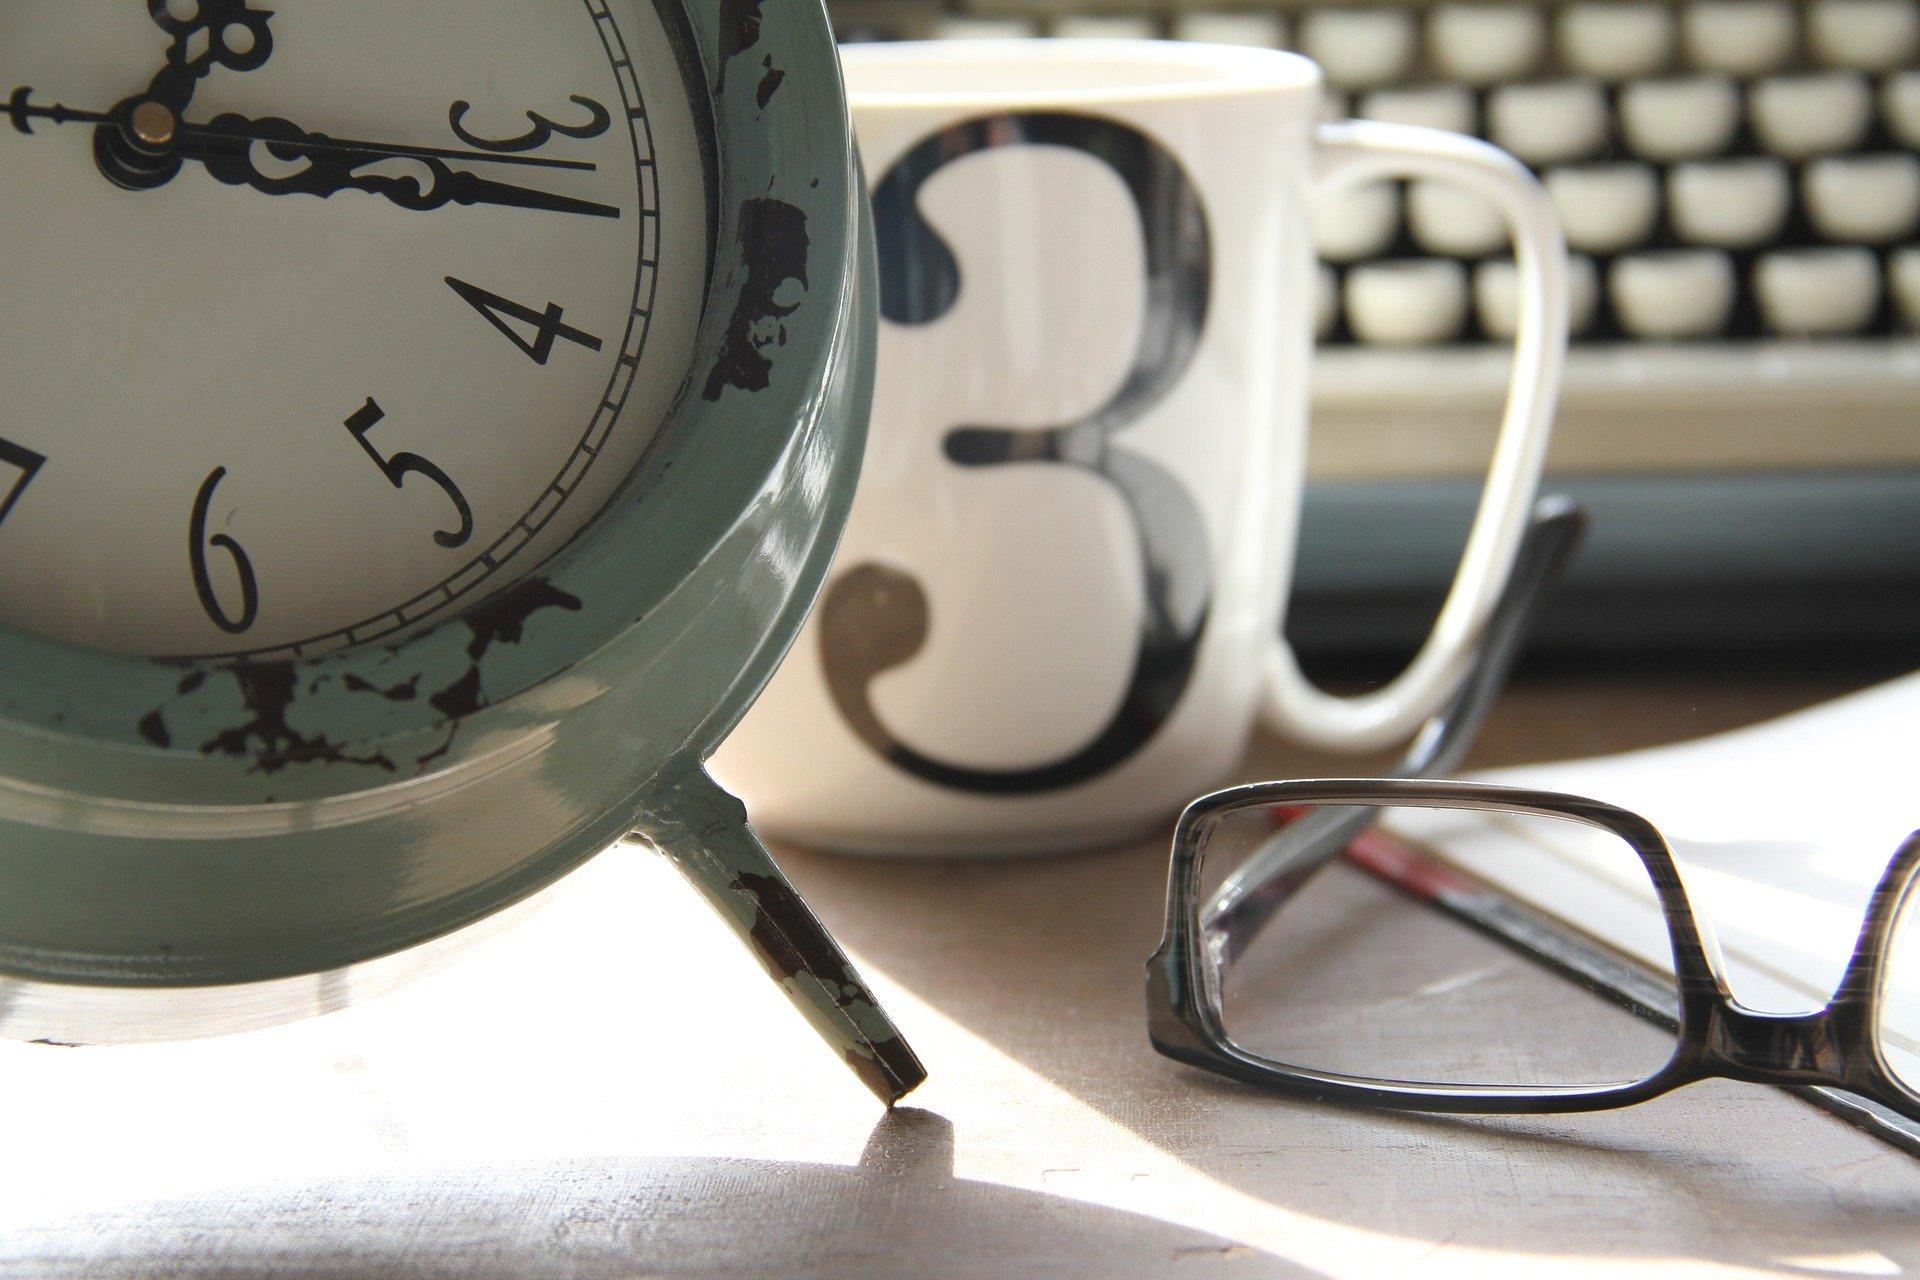 tid-klocka-glasögon-kopp